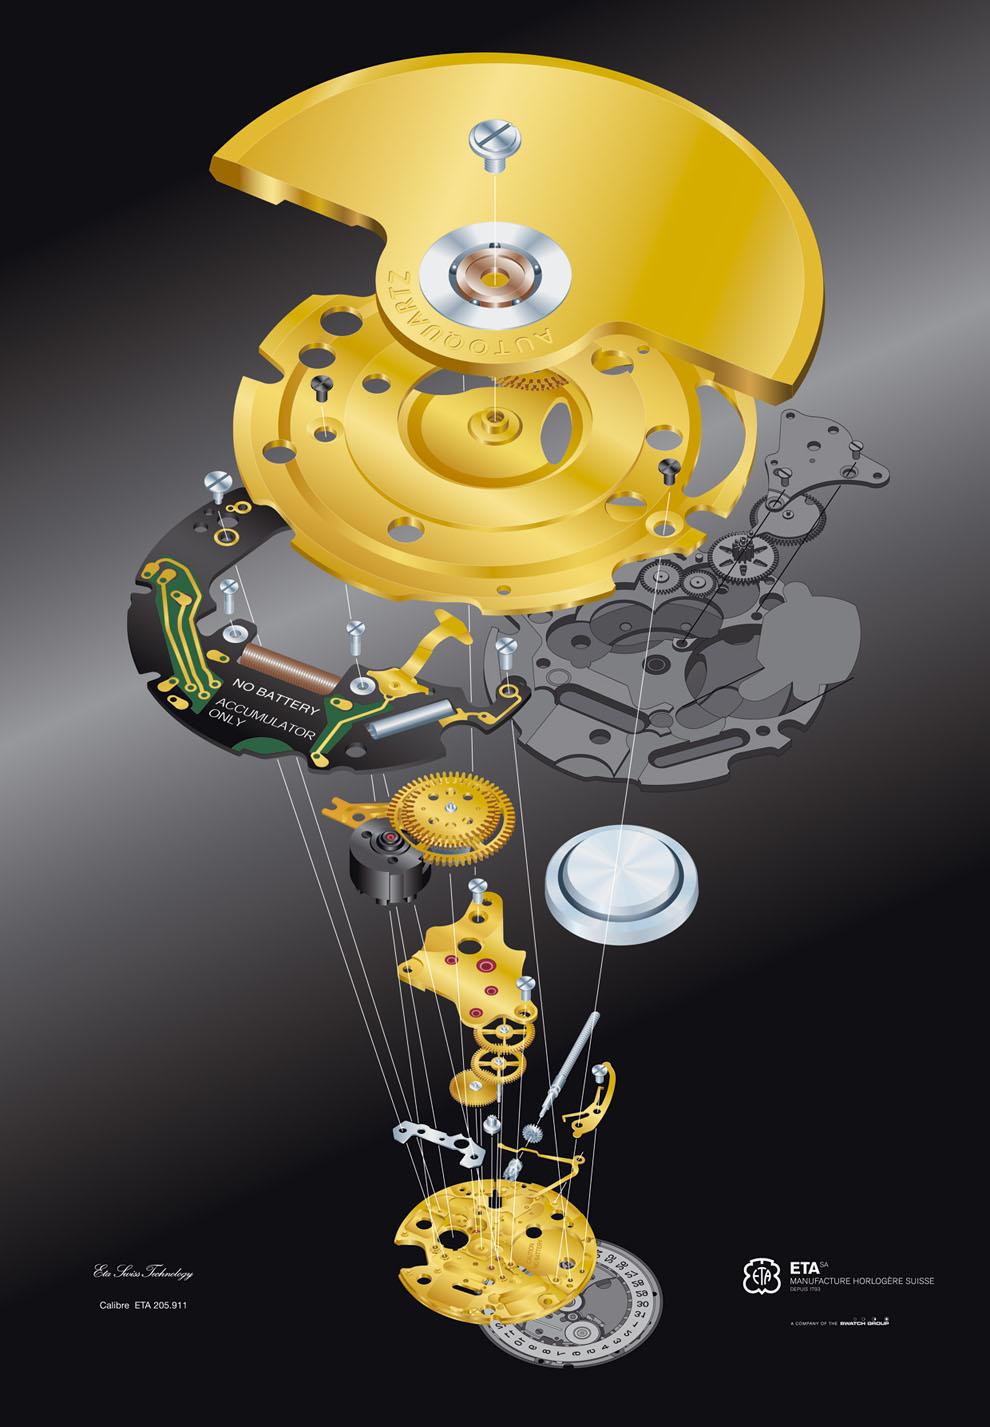 Đồng hồ Tissot cơ chế vận hành máy